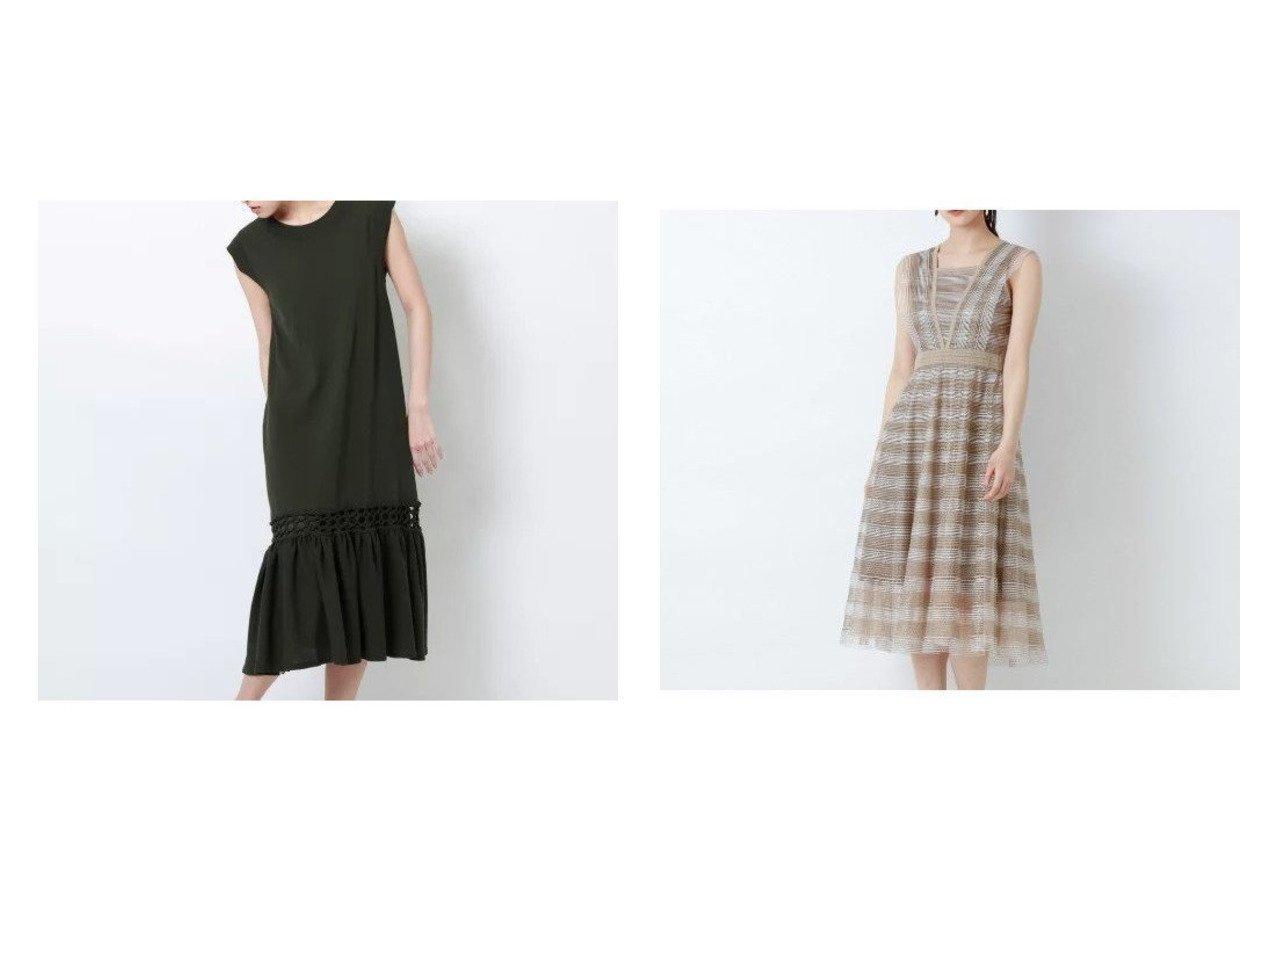 【EPOCA/エポカ】のトーションレース ドレス&コットンリネンフレアドレス おすすめ!人気トレンド・レディースファッション通販 おすすめで人気の流行・トレンド、ファッションの通販商品 インテリア・家具・メンズファッション・キッズファッション・レディースファッション・服の通販 founy(ファニー) https://founy.com/ ファッション Fashion レディースファッション WOMEN ワンピース Dress ドレス Party Dresses 春 Spring ドレス フォーマル レース おすすめ Recommend 夏 Summer ストレッチ フレア ロング 定番 Standard |ID:crp329100000046817